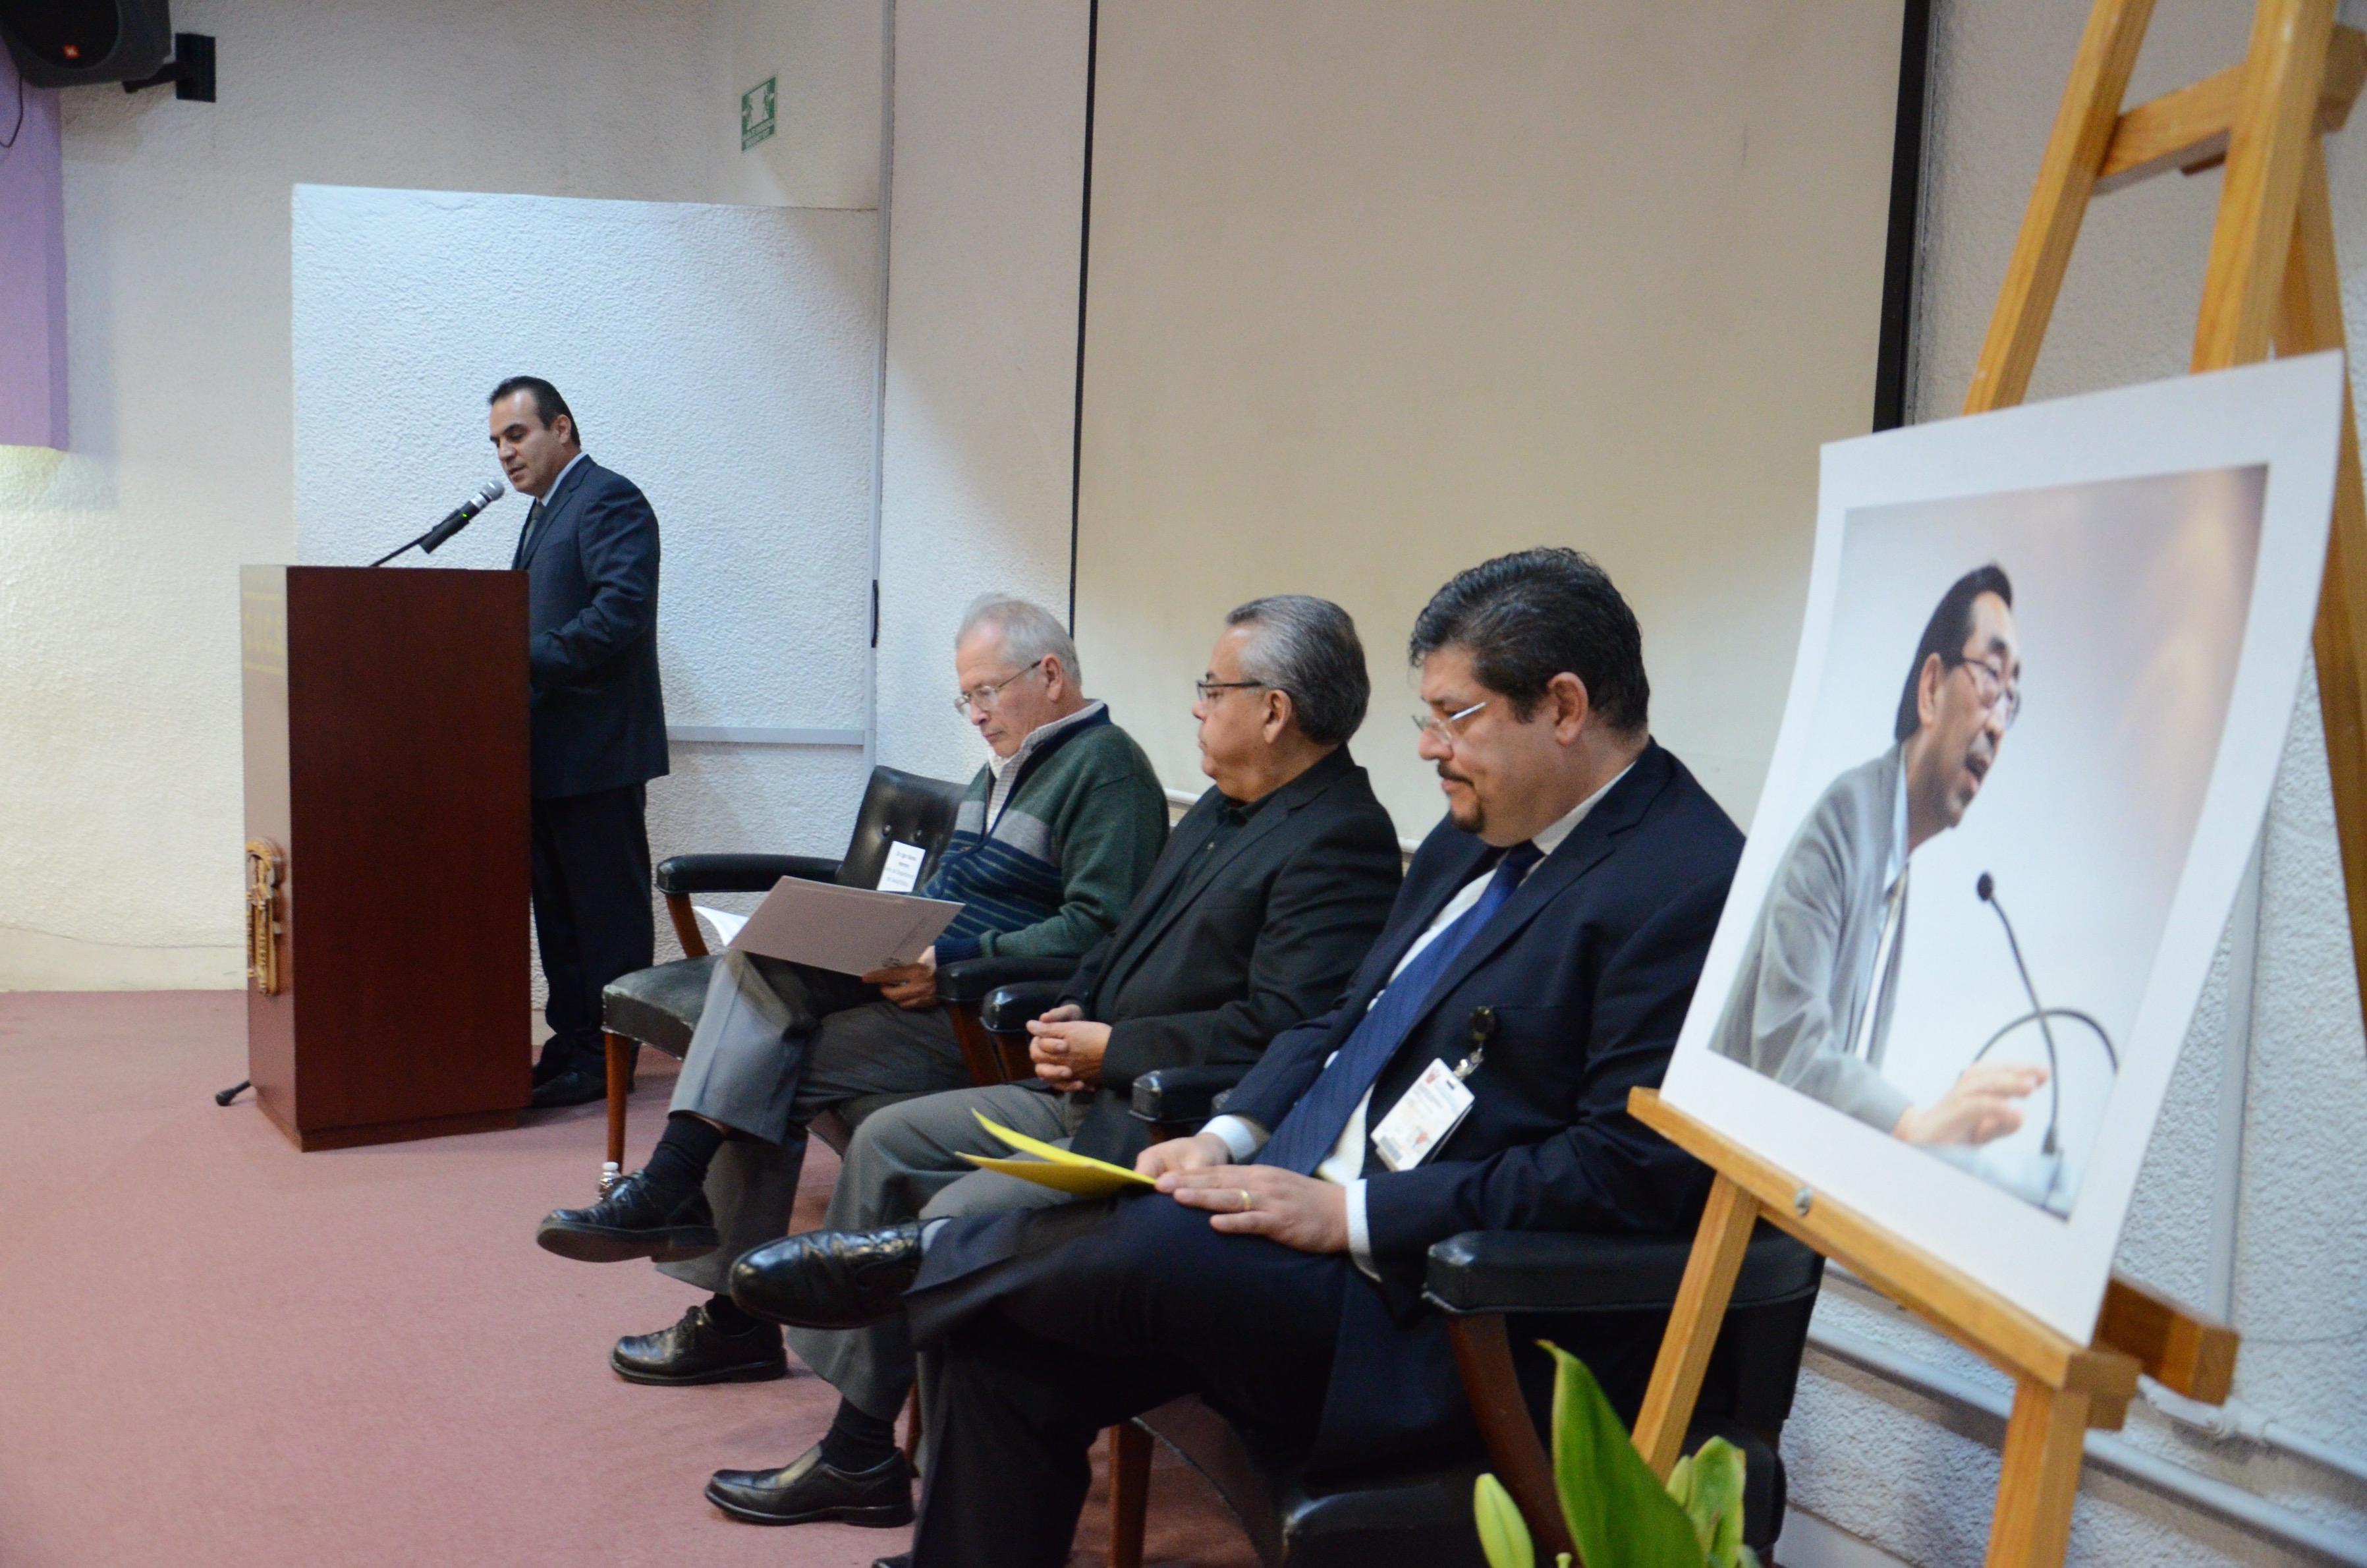 En primer plano fotografía del Dr. Roberto Kumasawa, atrás miembros del presídium